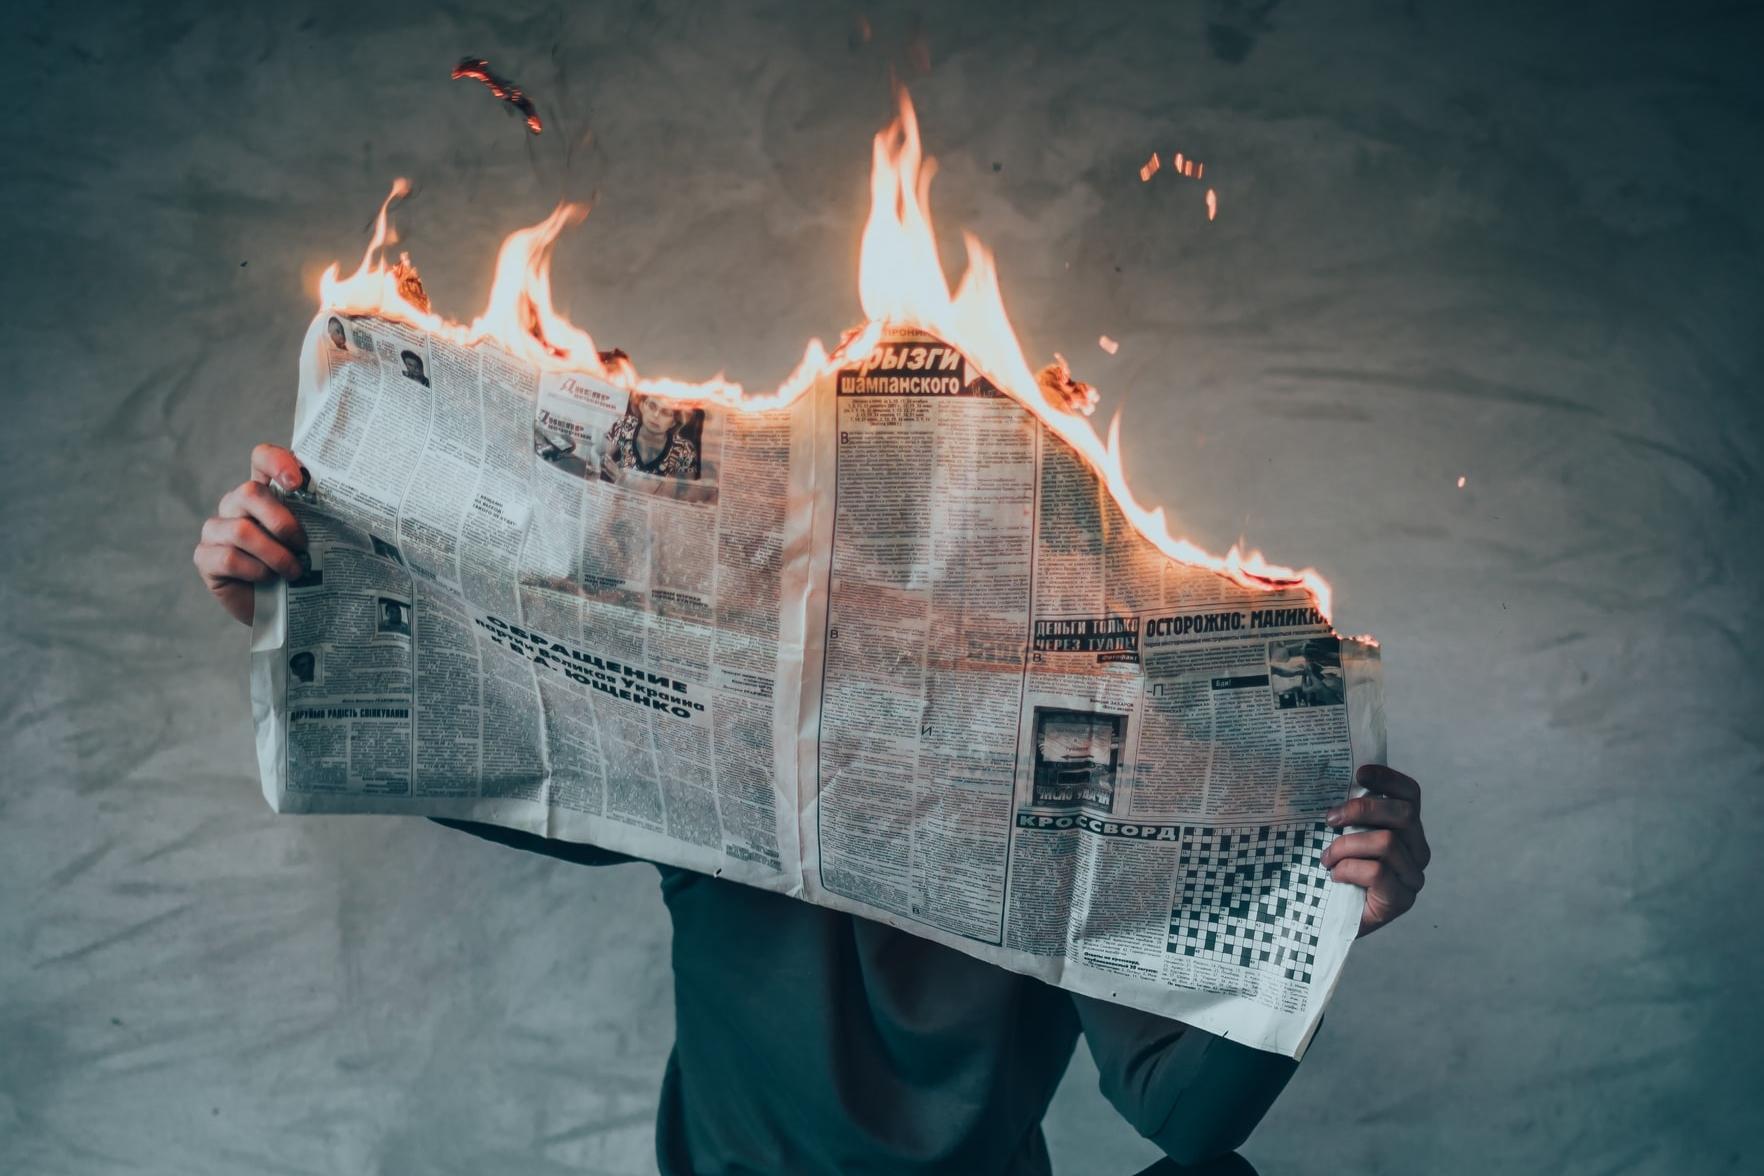 СМИ и коронавирус: спрос на новости вырос, но бизнес рухнул